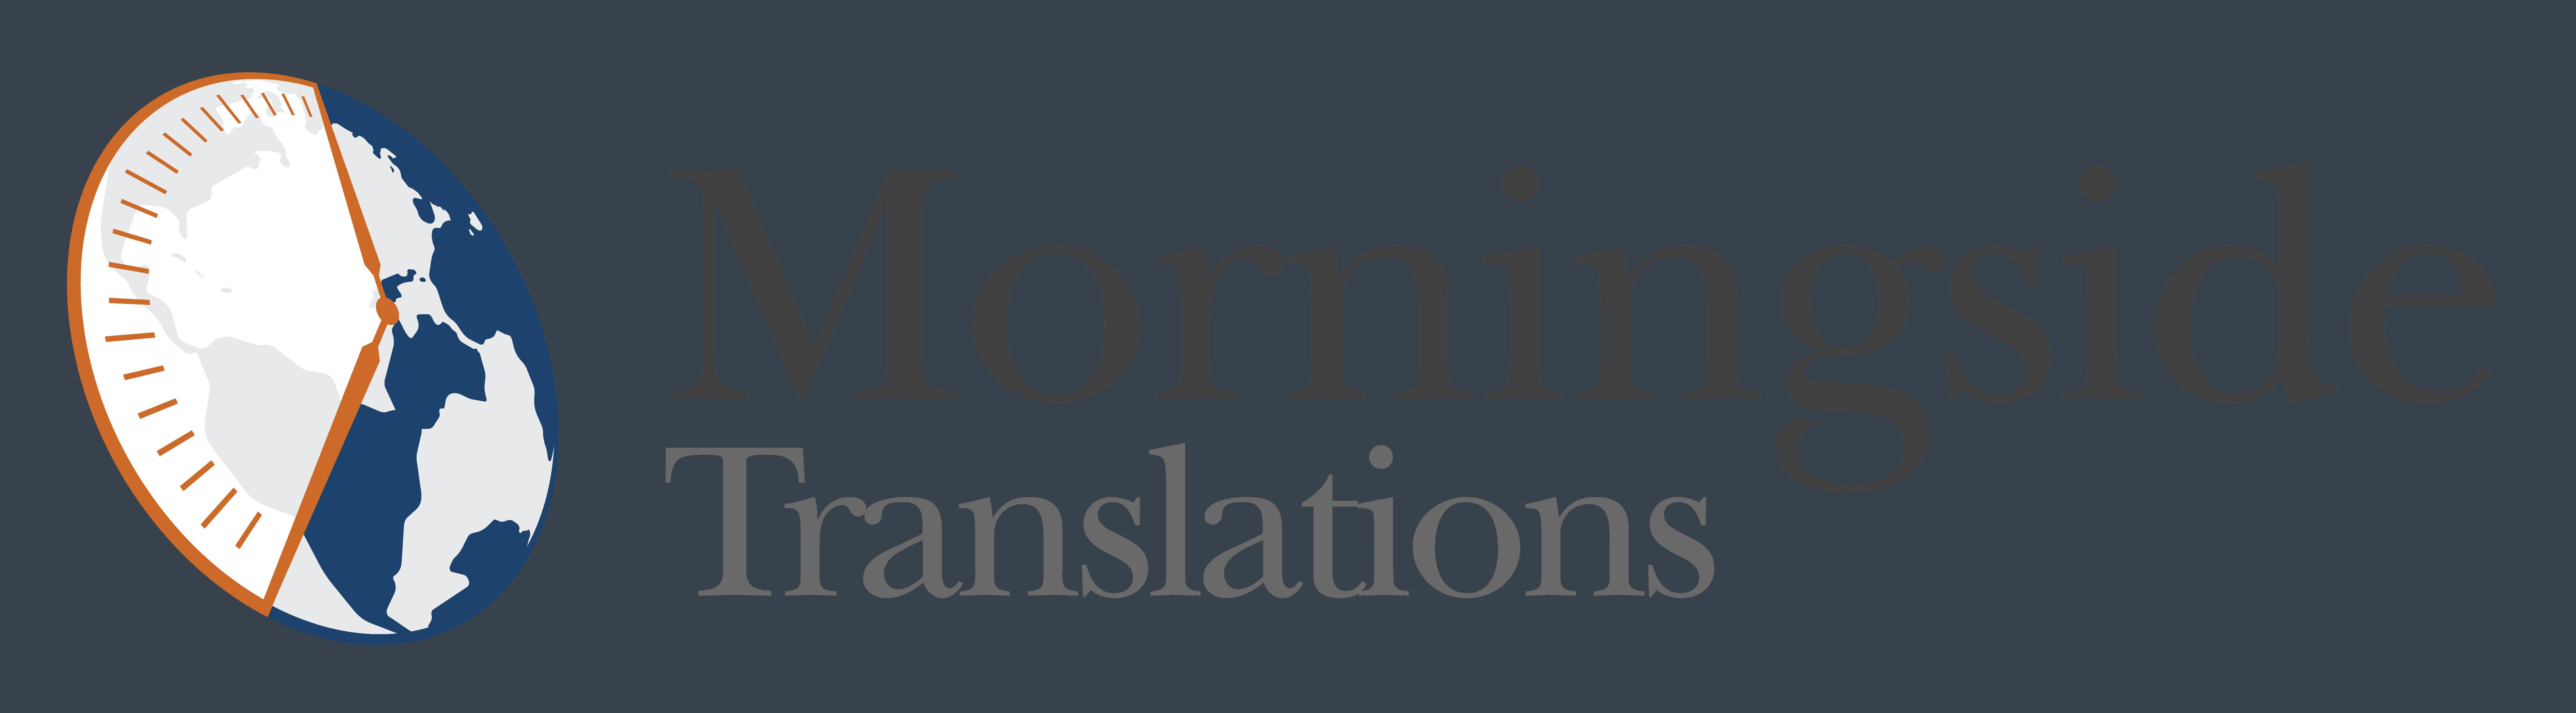 morningside-logo